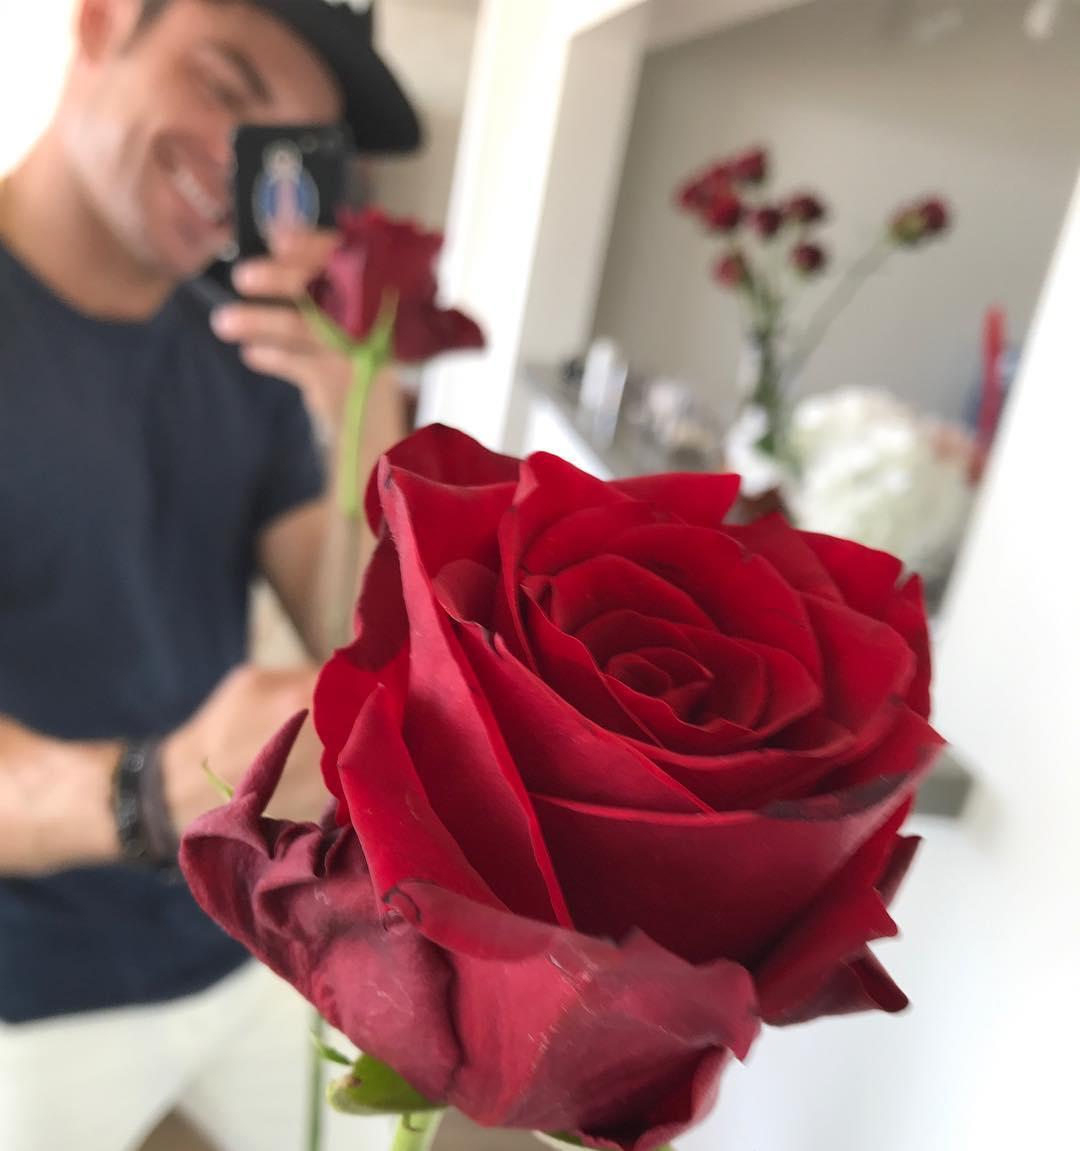 """画像1: Zac Efron on Instagram: """"Happy Valentine's Day! I love you all ❤️"""" www.instagram.com"""